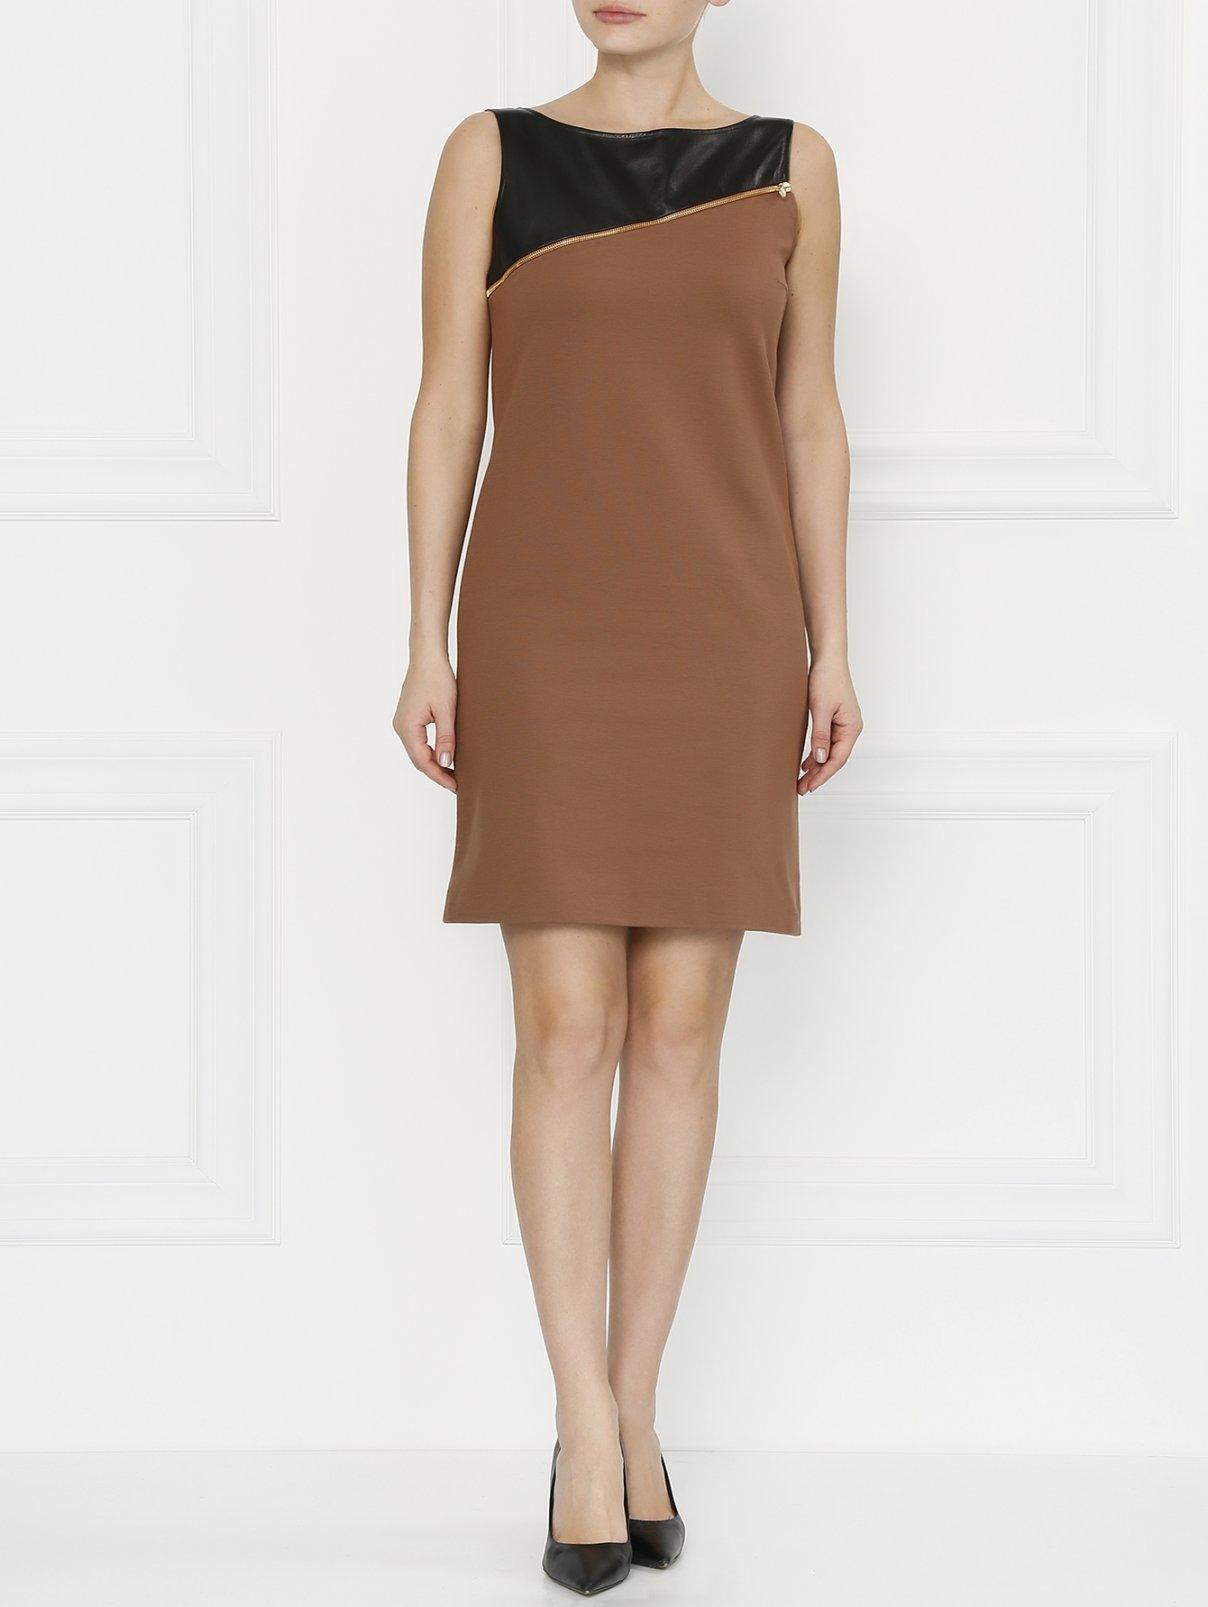 Мини-платье с вставкой из кожи и молнией Max&Co  –  Модель Общий вид